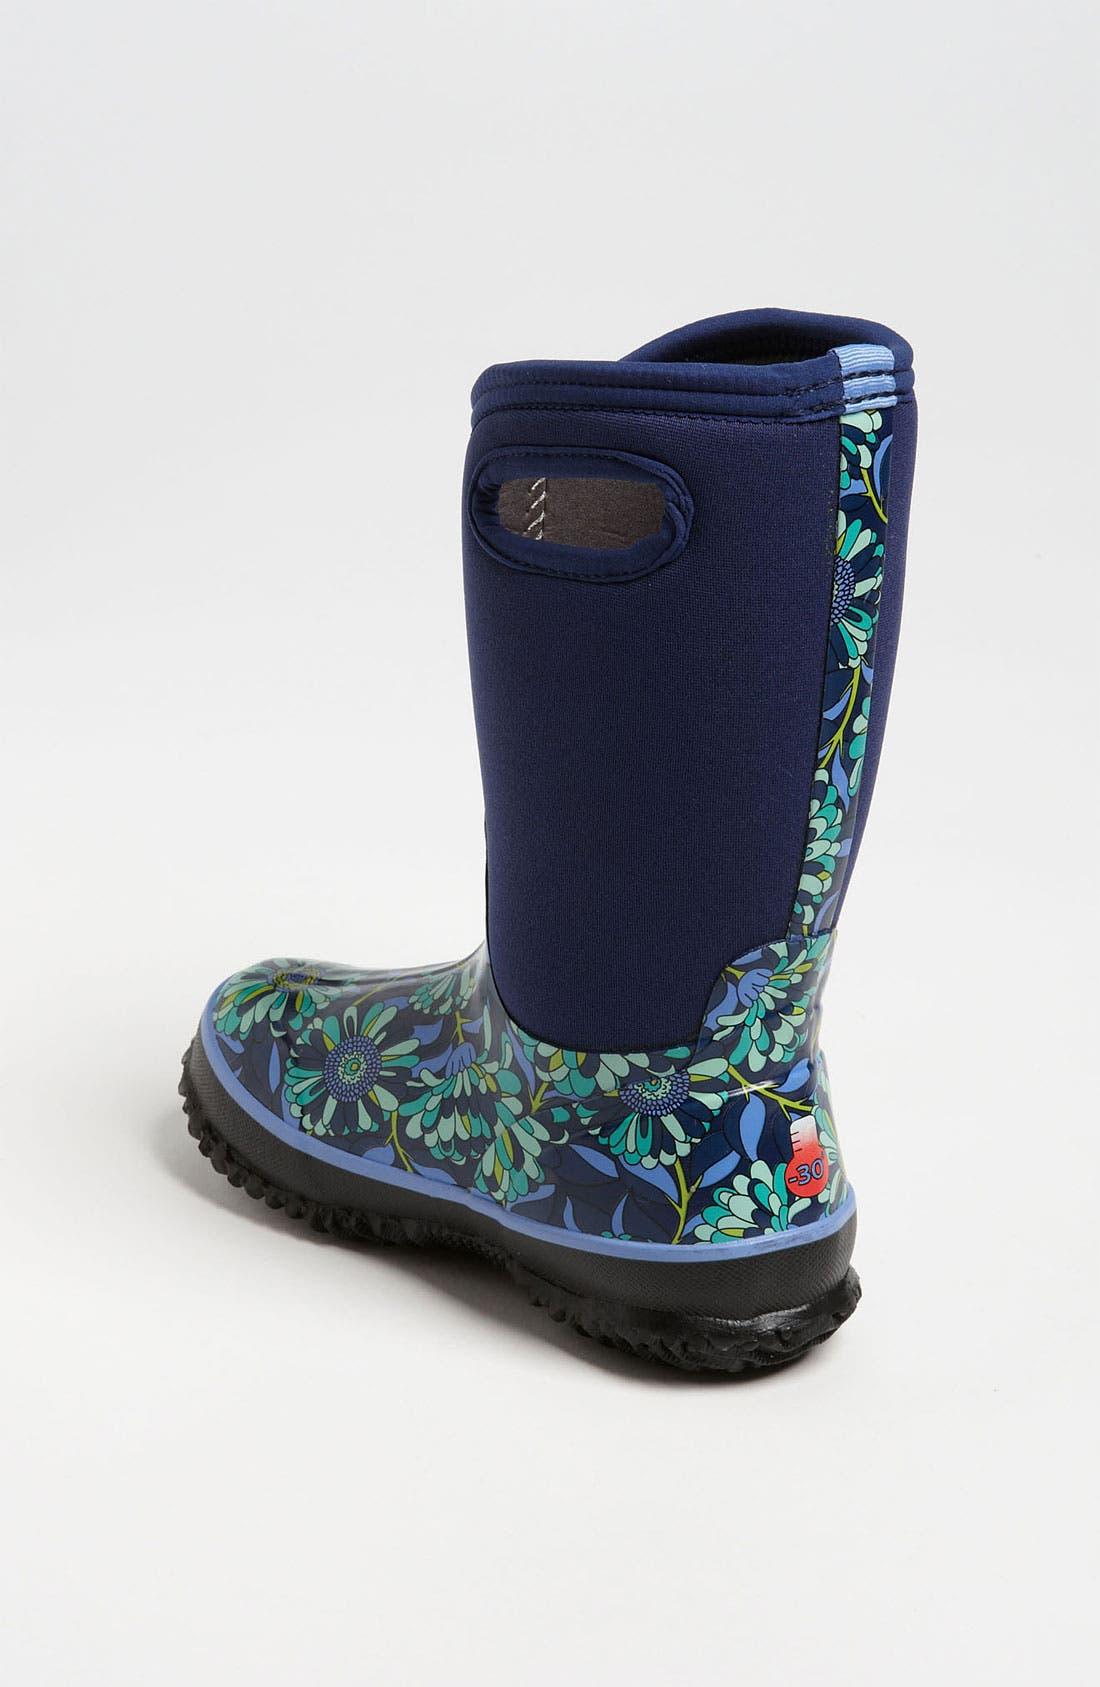 Alternate Image 2  - Bogs 'Classic High - Mumsie' Waterproof Boot (Toddler, Little Kid & Big Kid)